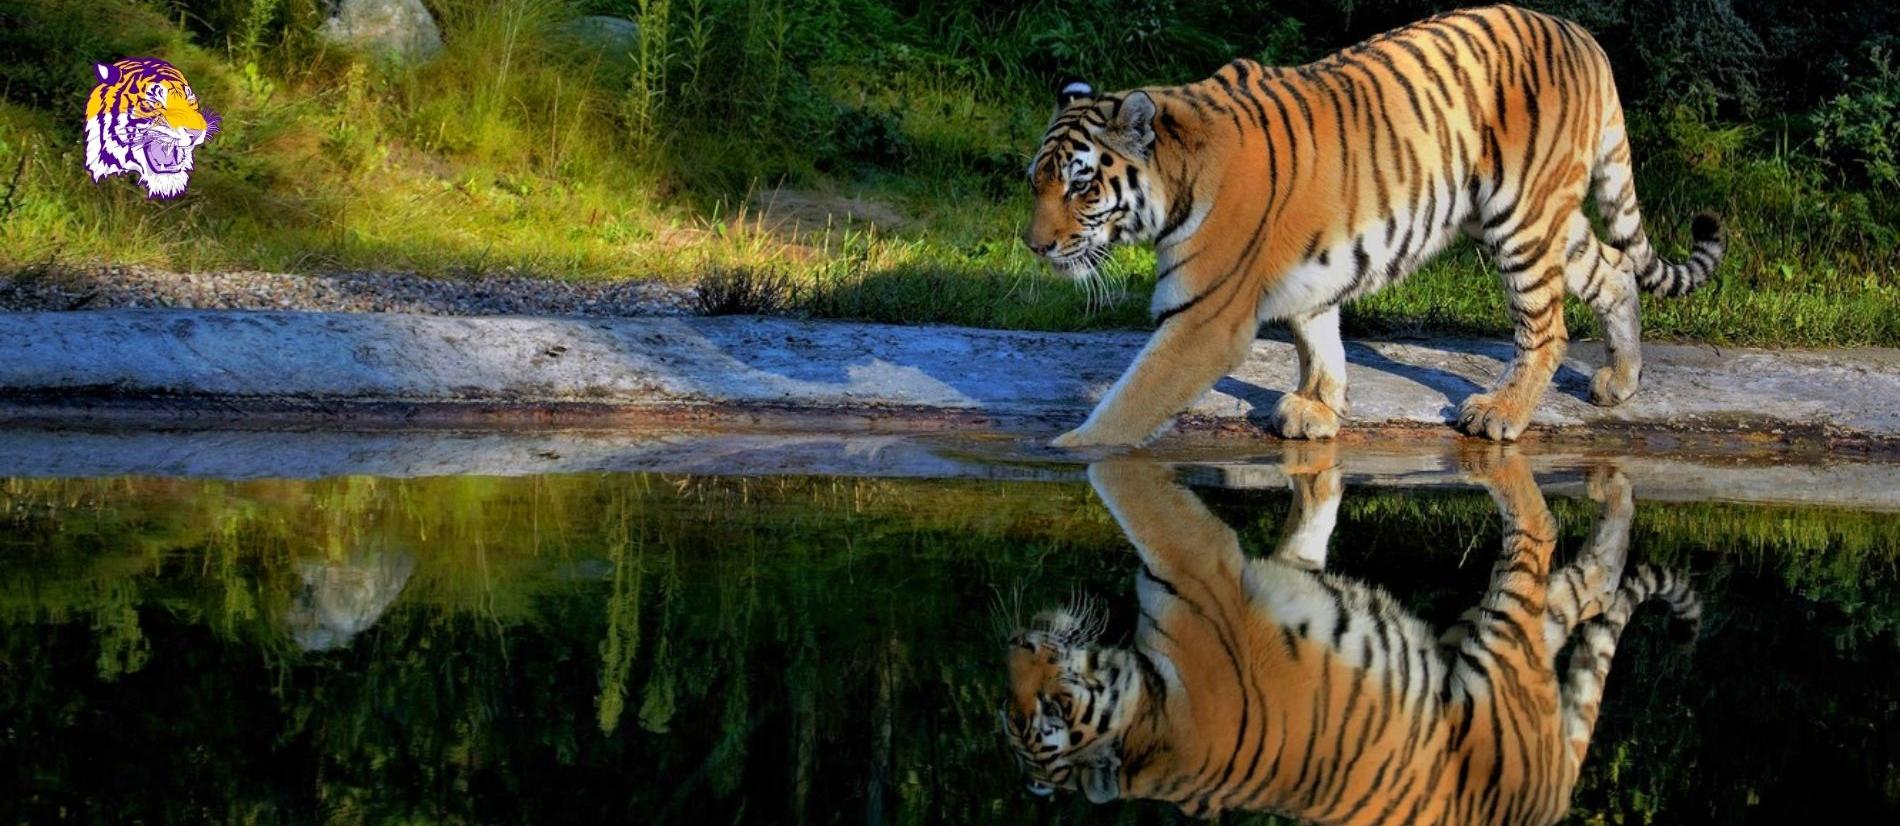 Lake Tiger